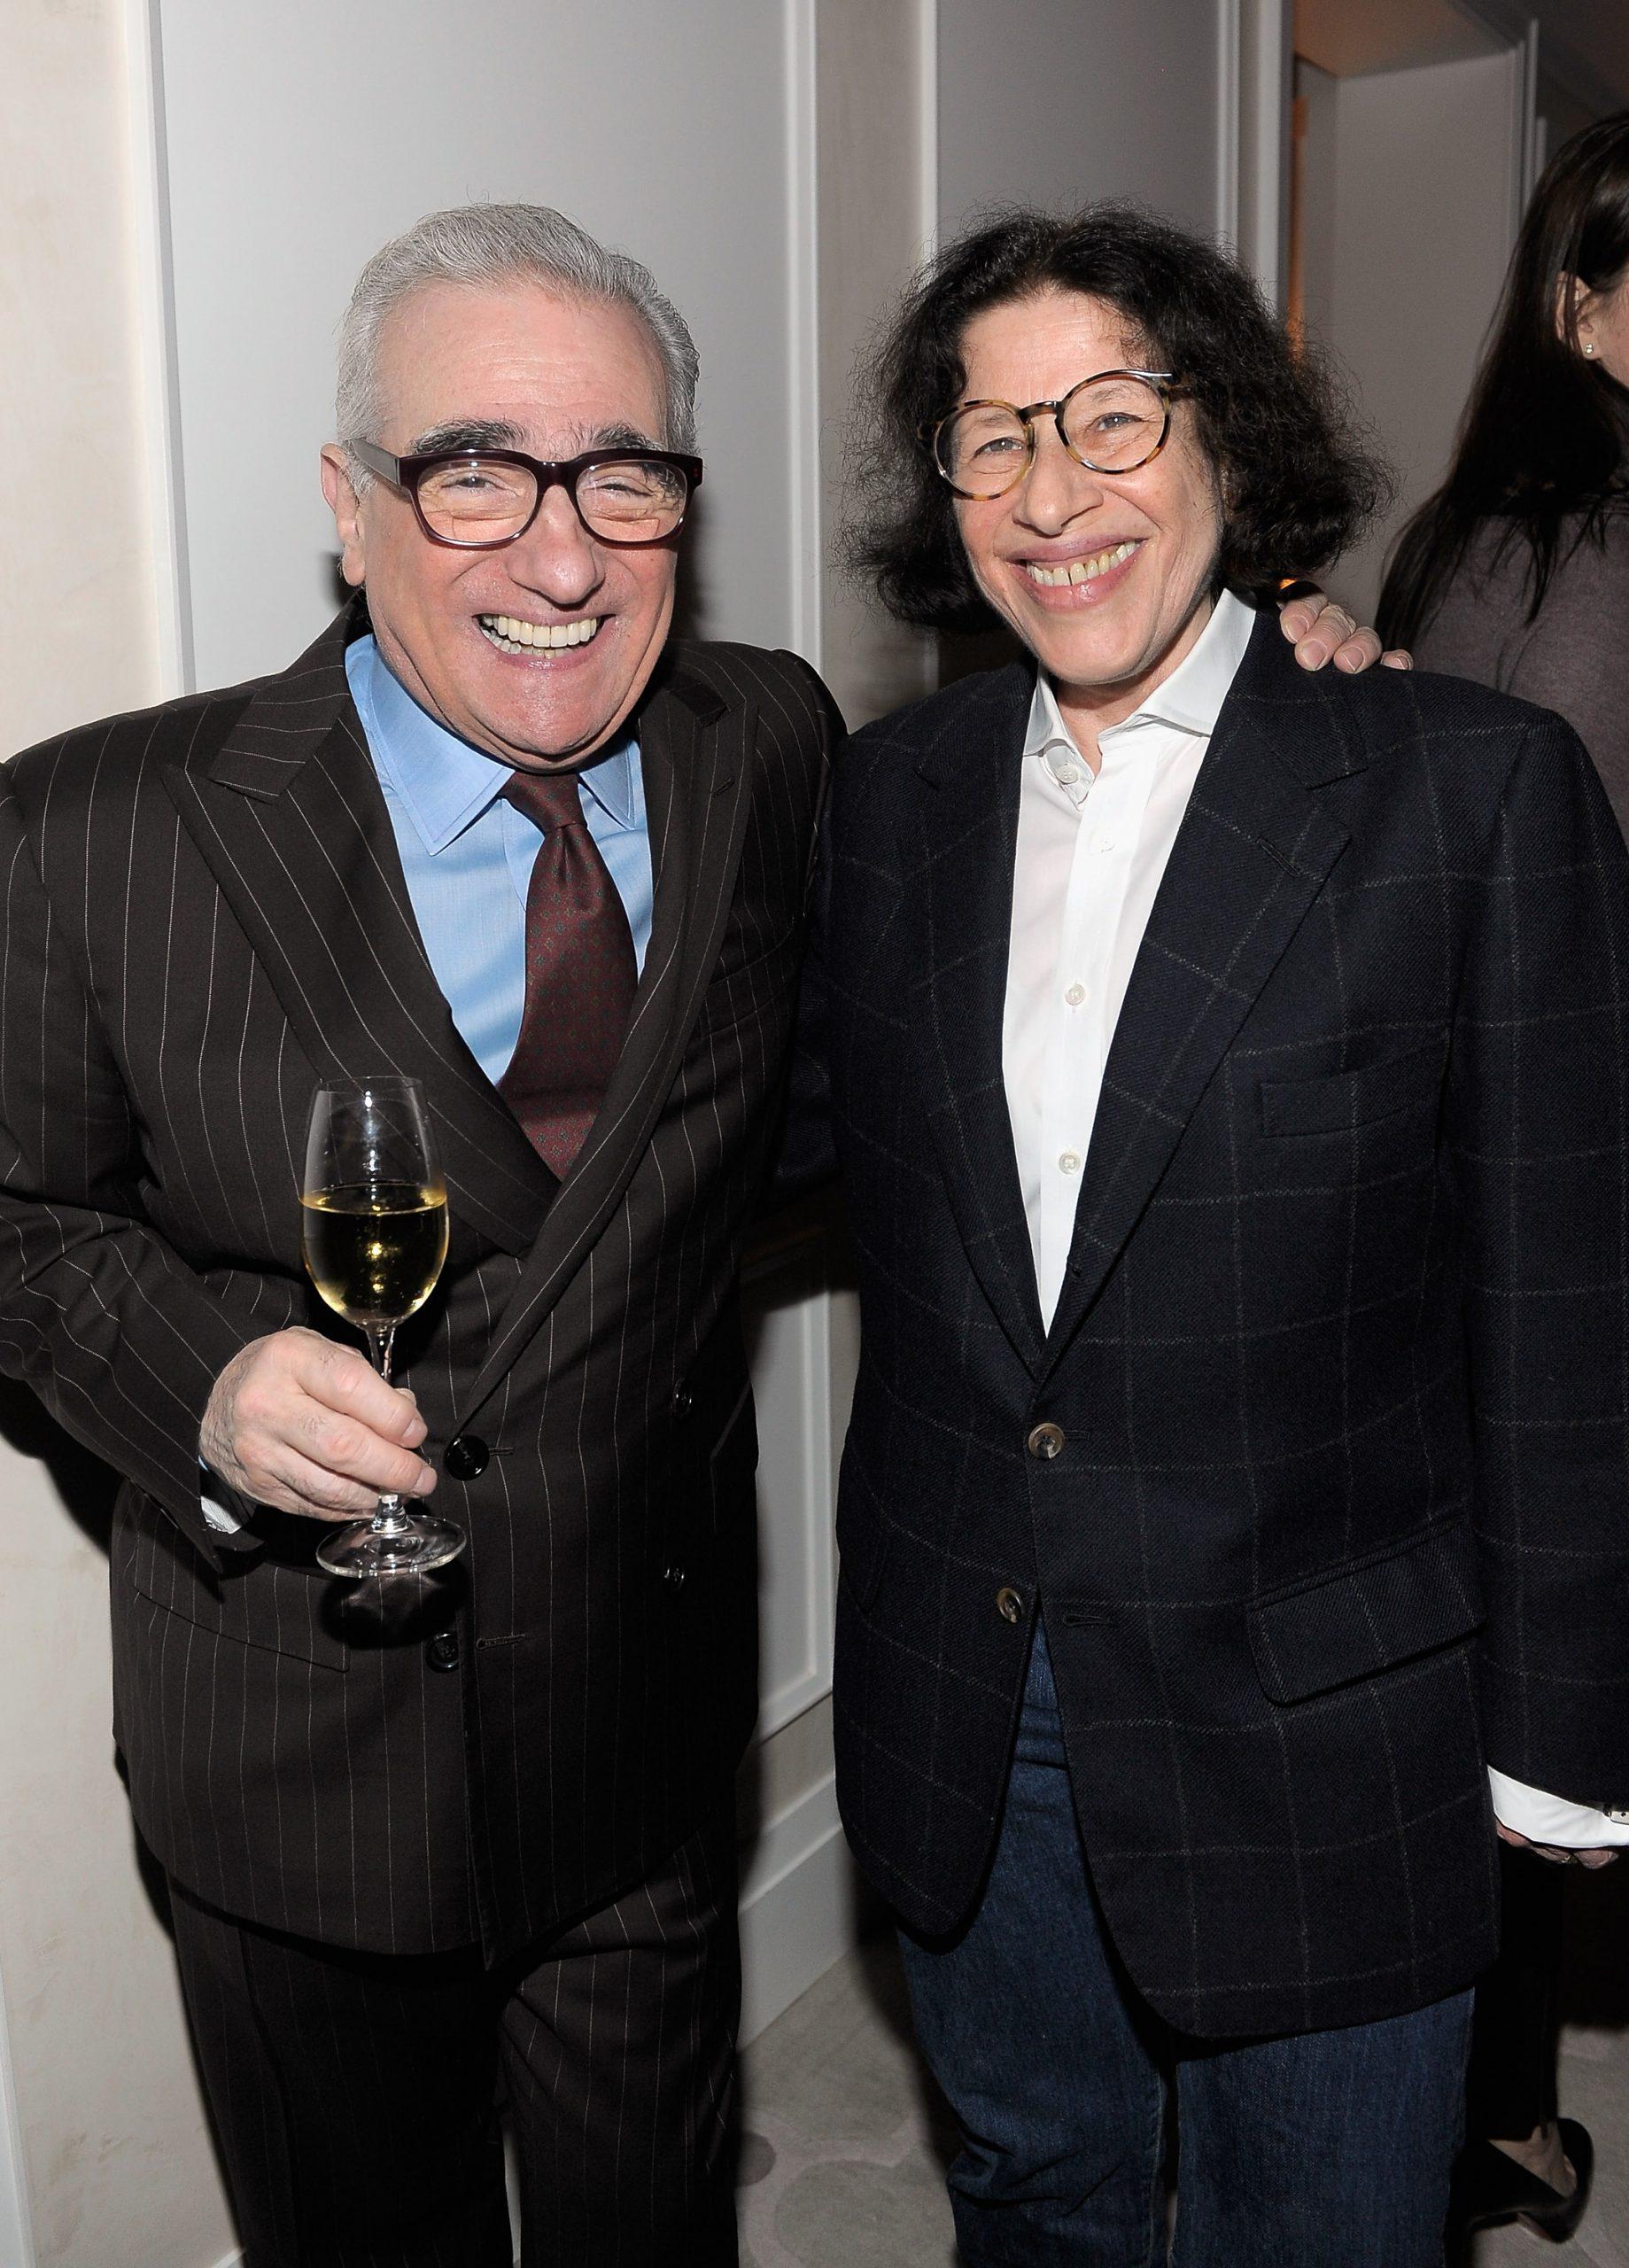 Martin Scorsese estrenará en Netflix su nuevo documental 'Pretend It's A City'